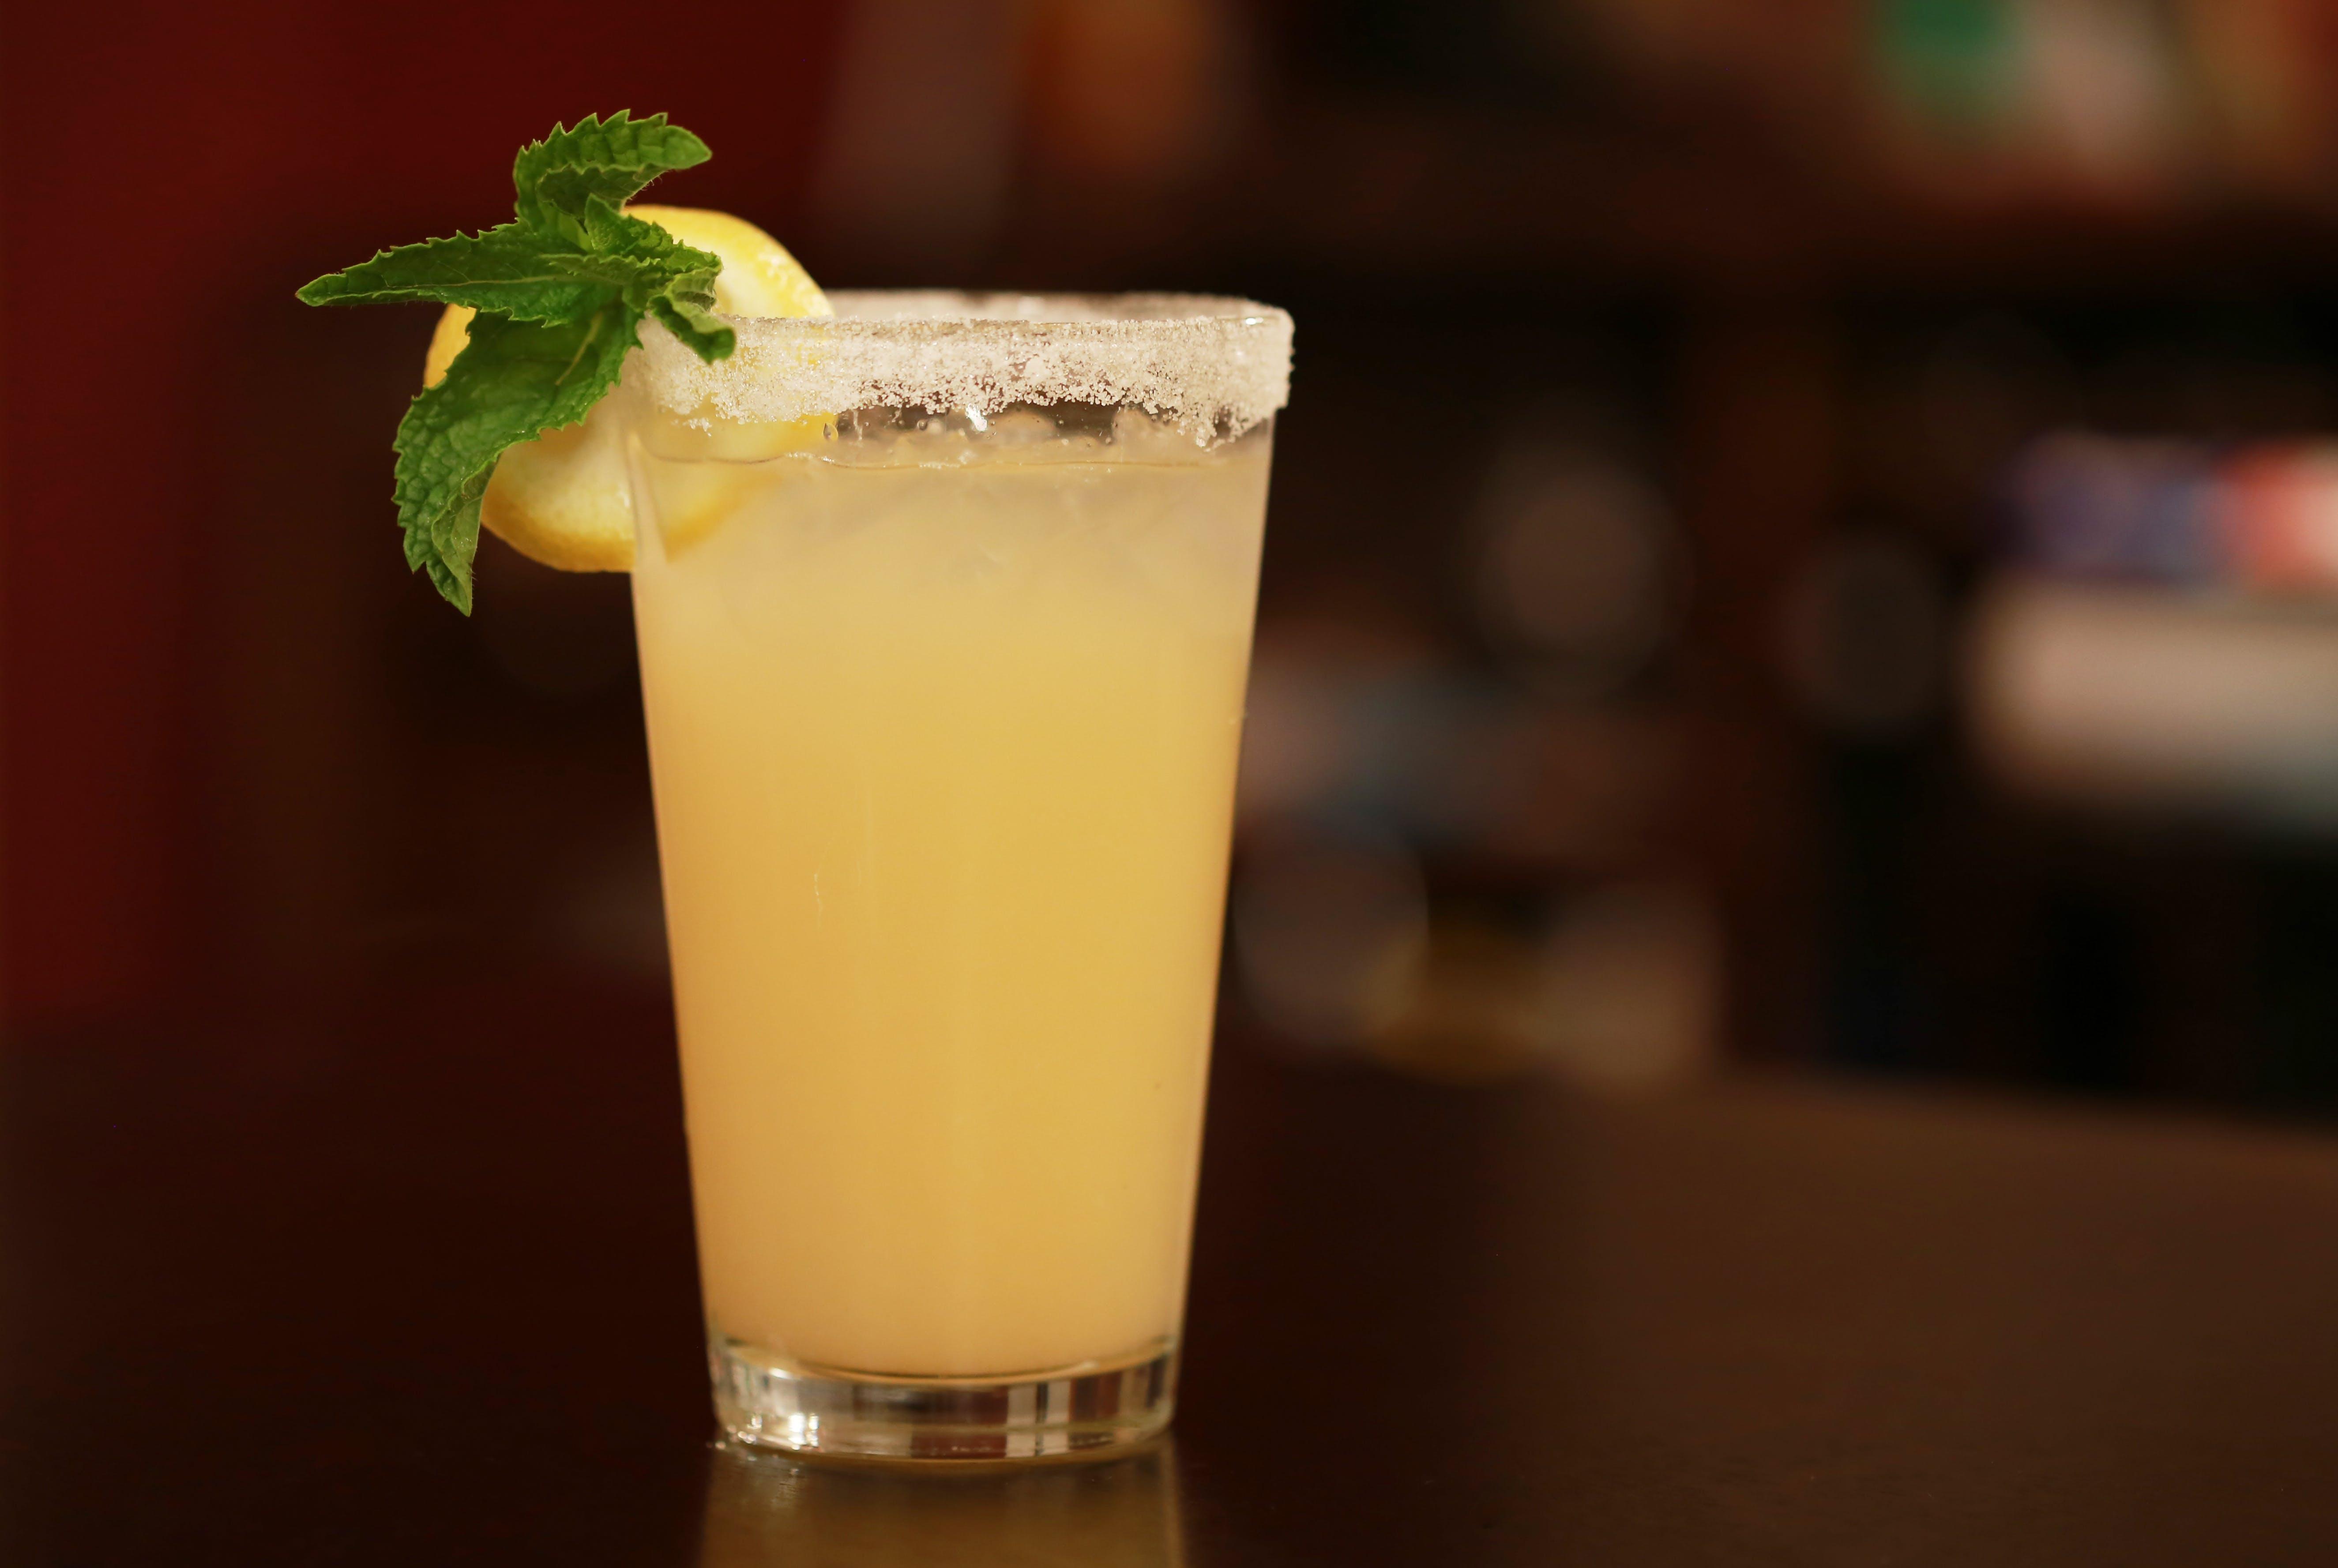 Gratis lagerfoto af alkoholholdige drikkevarer, alkoholisk drikkevare, bar, citron